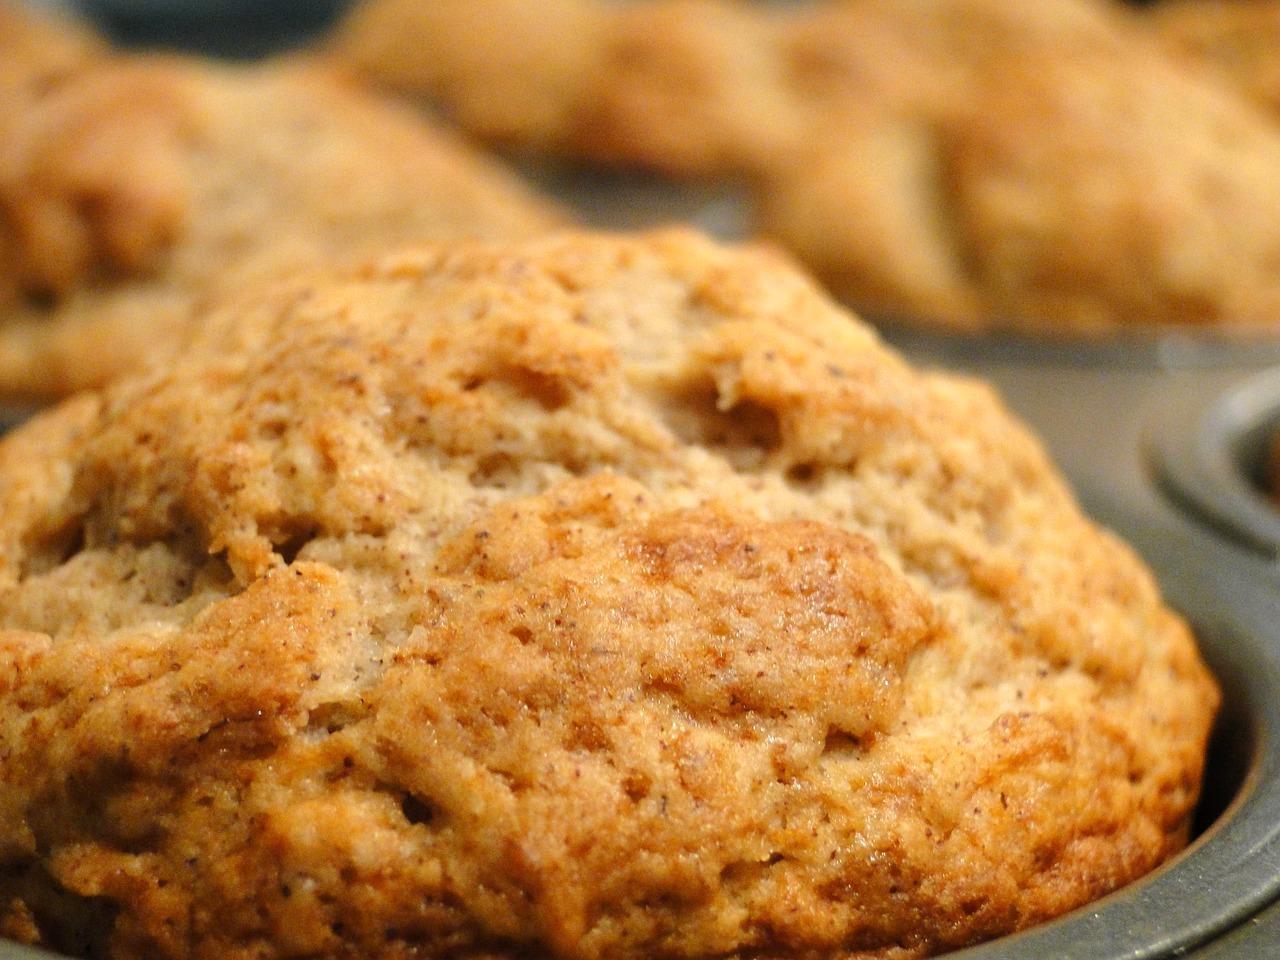 Muffins à la banane sans oeufs sans lait CC0 Pixabay (c) dustytoes